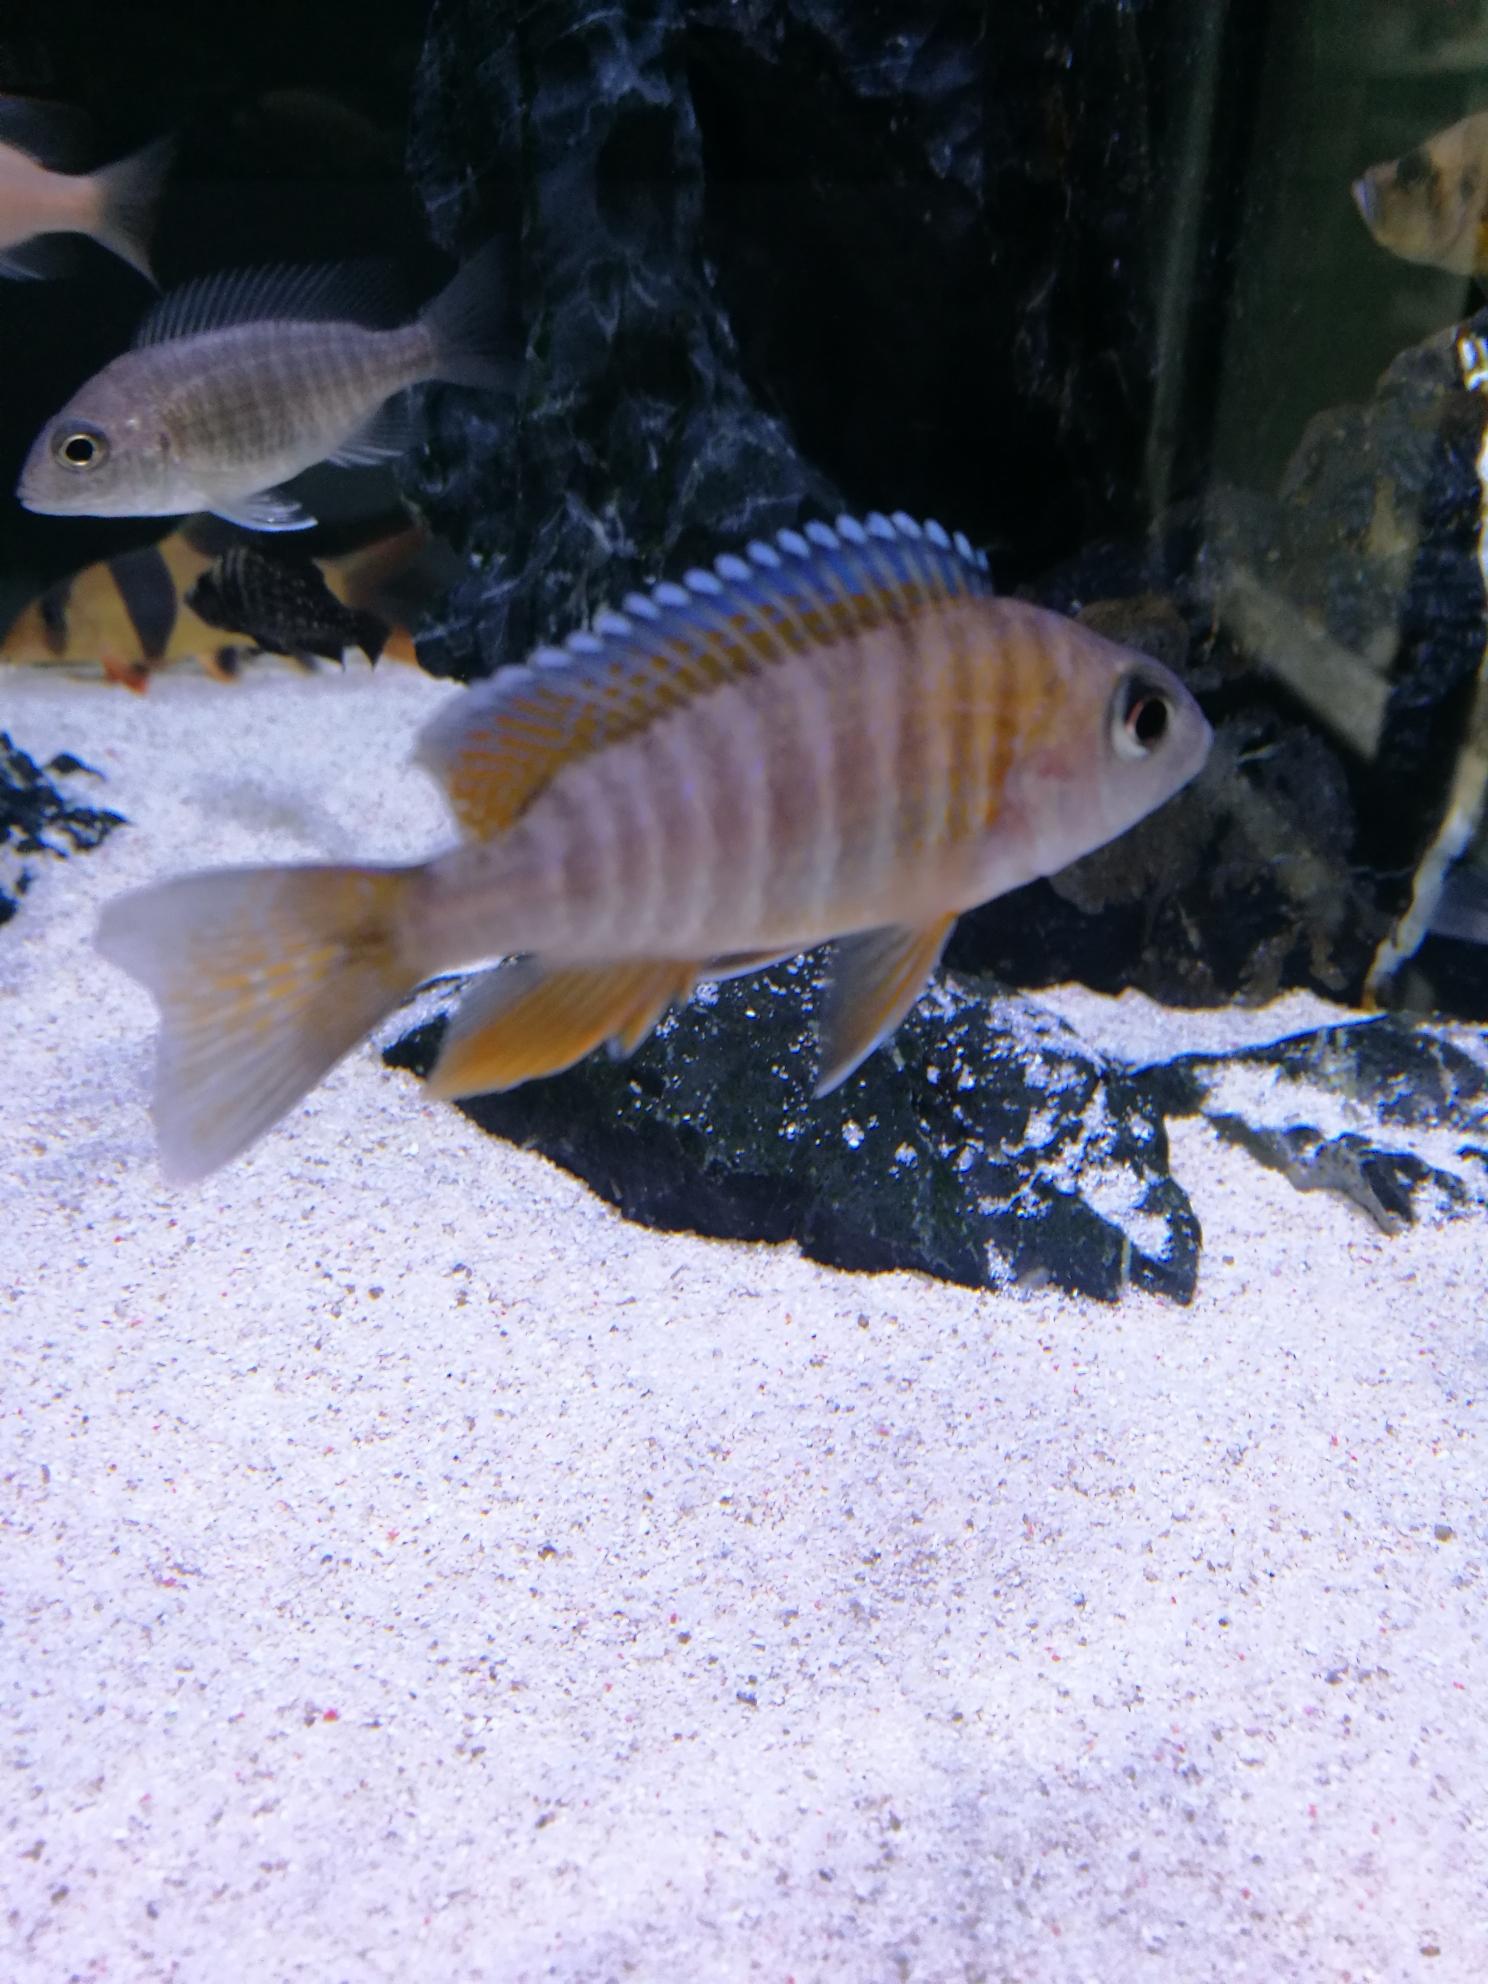 红珊瑚成长记三湖慈鲷 绵阳水族批发市场 绵阳水族批发市场第12张